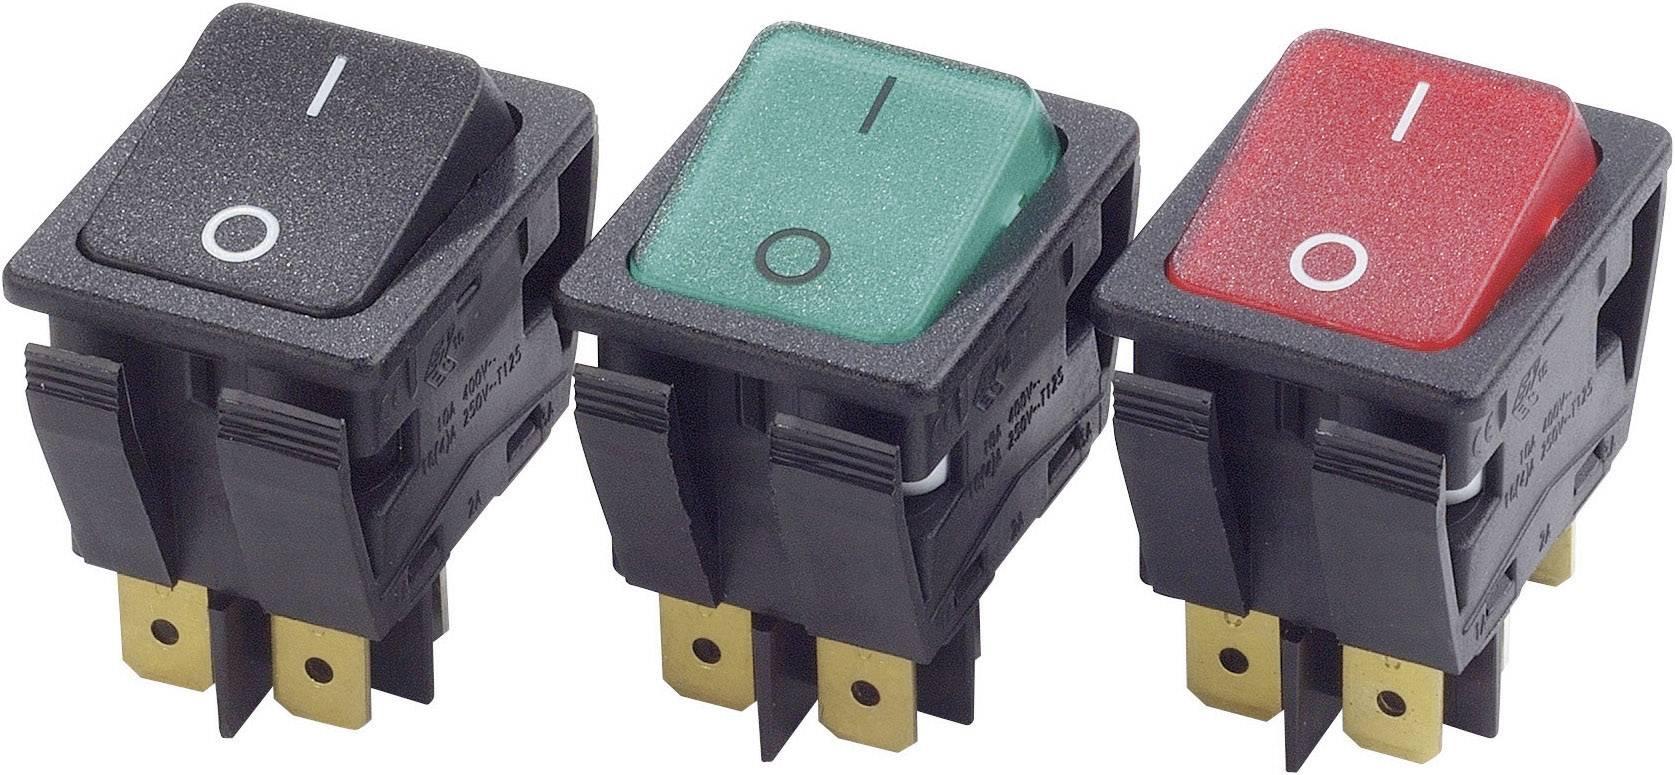 Kolískový spínač s aretáciou Arcolectric C6050ALAAC, 250 V/AC, 16 A, 2x vyp/zap, bez podsvietenia, 1 ks